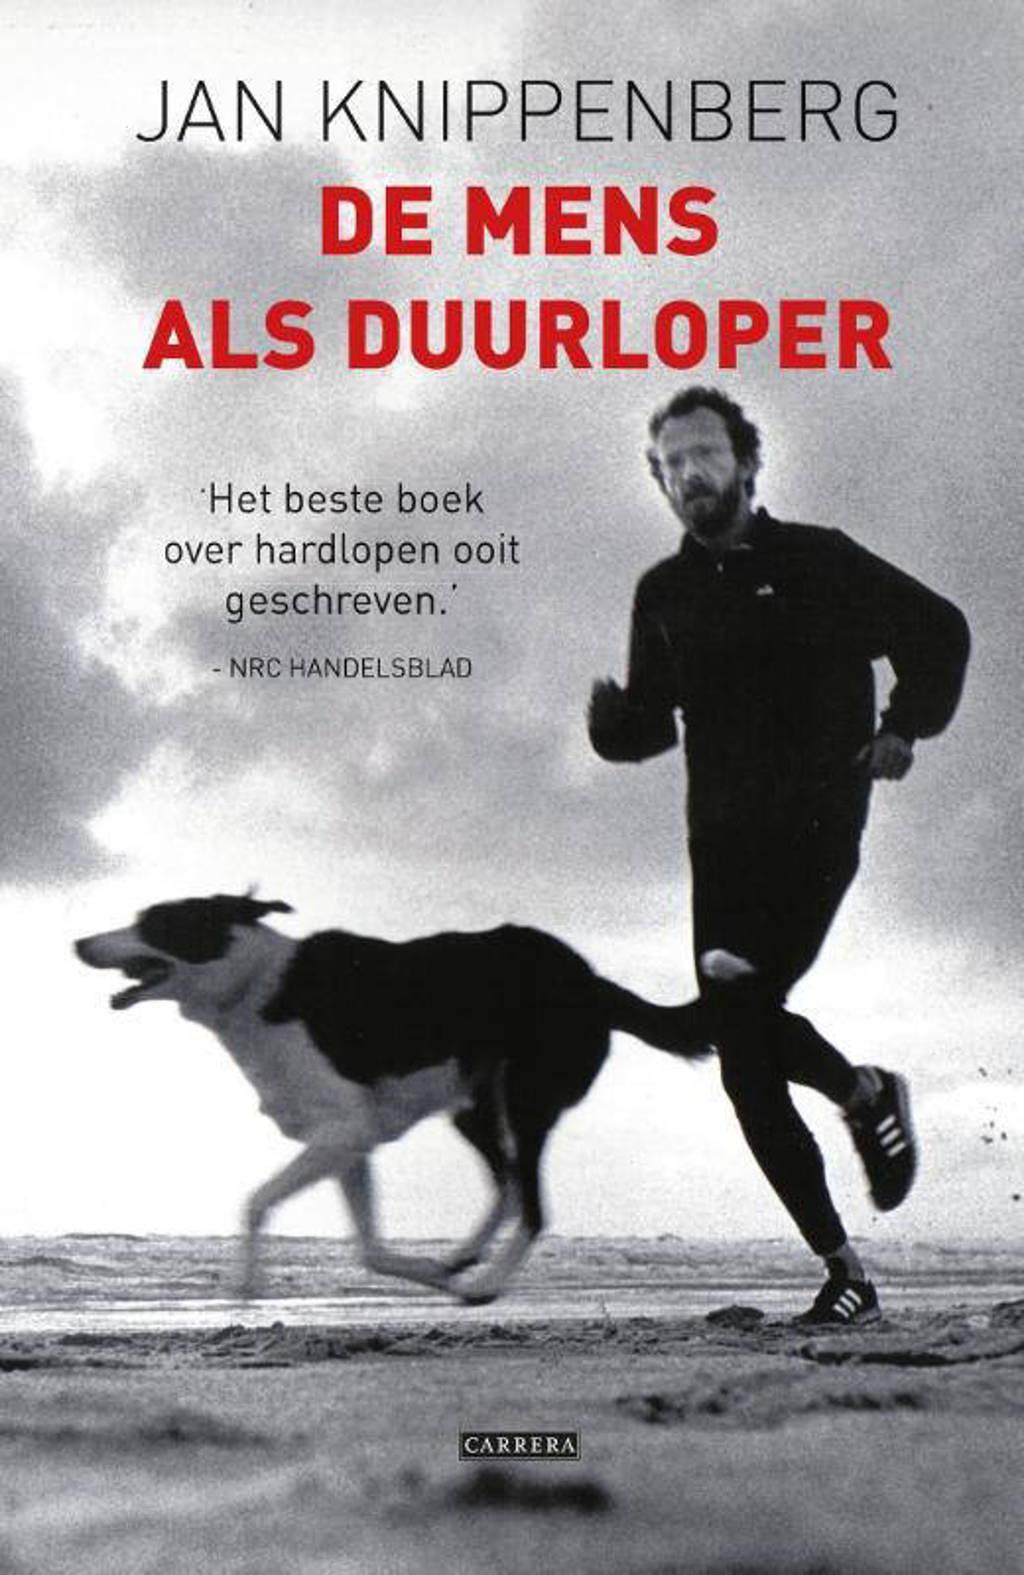 De mens als duurloper - Jan Knippenberg